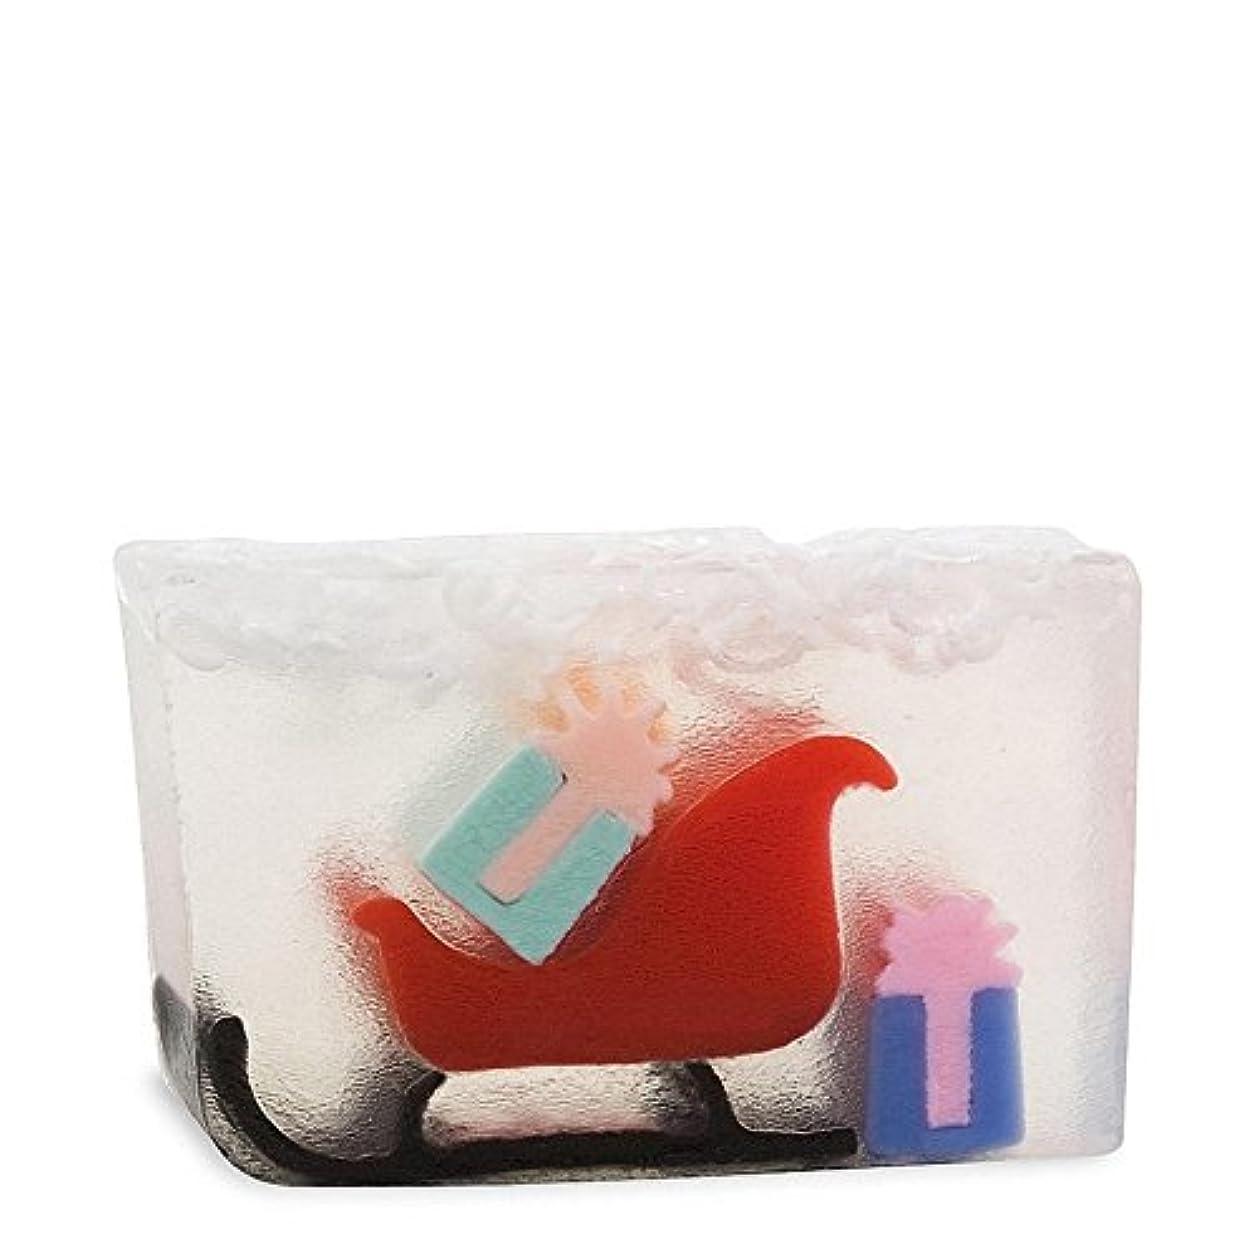 評判任命団結Primal Elements Santas Sleigh - 原始要素のサンタのそり [並行輸入品]